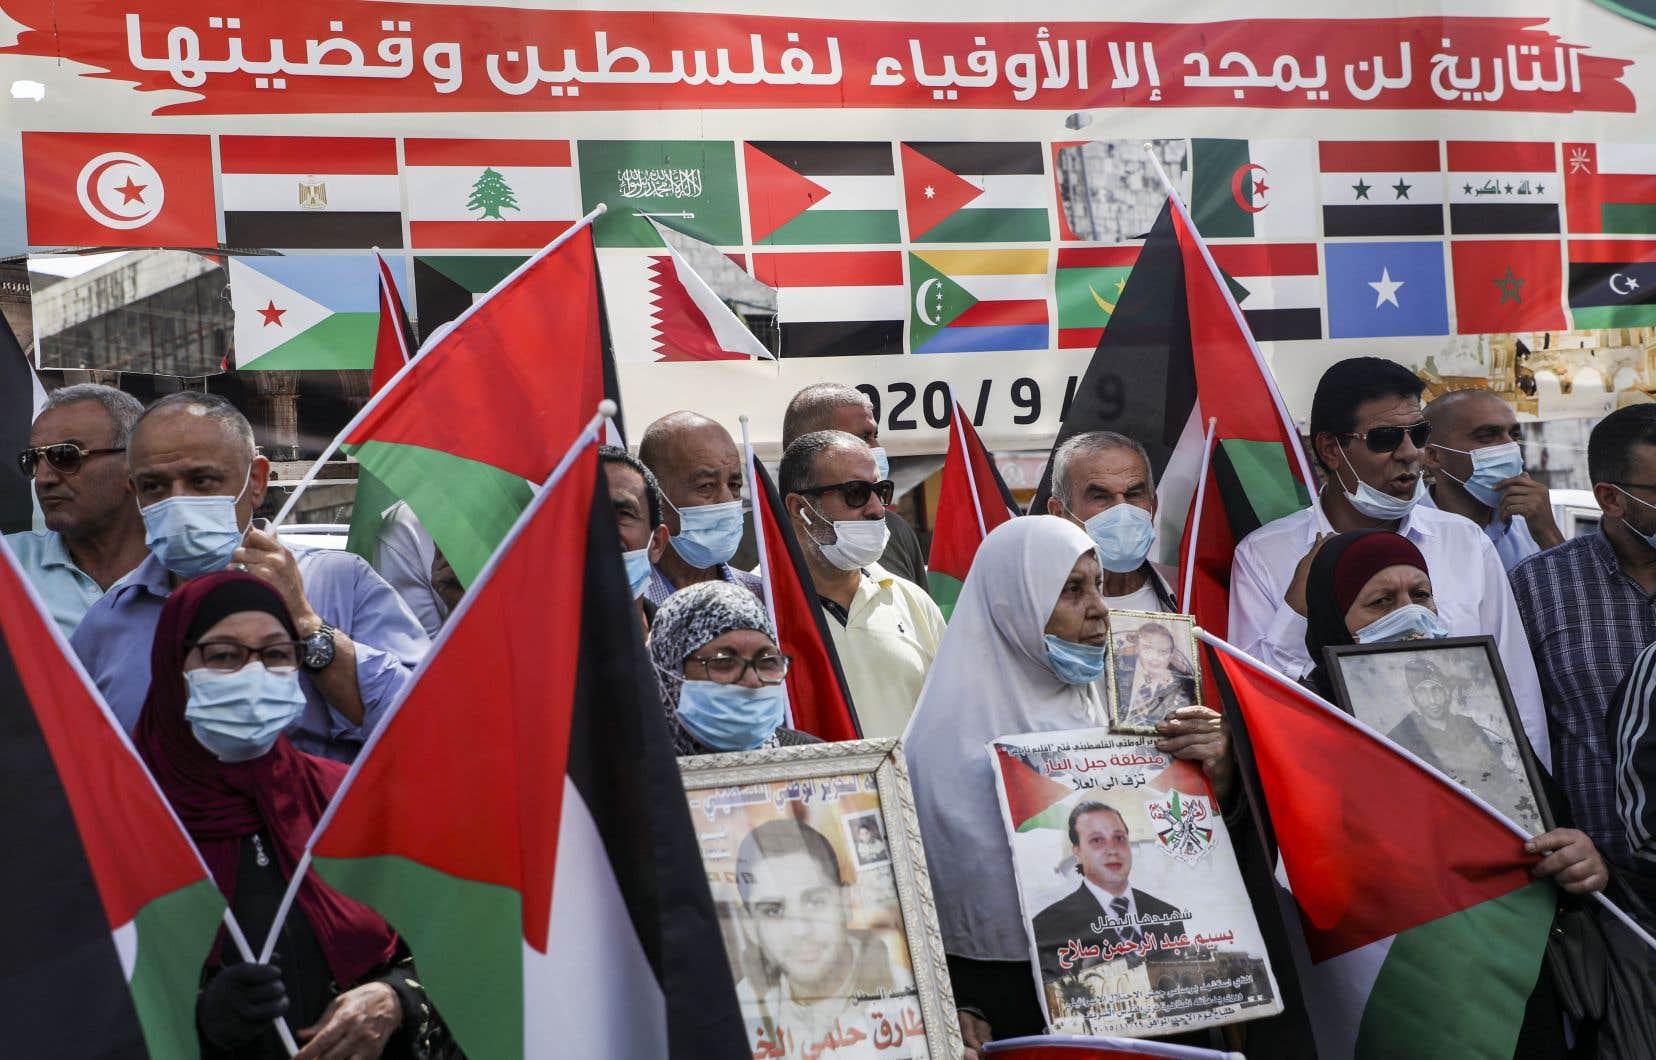 Brandissant des drapeaux palestiniens, des manifestants portant pour la plupart des masques anticoronavirus se sont rassemblés dans les villes de Naplouse et Hébron.